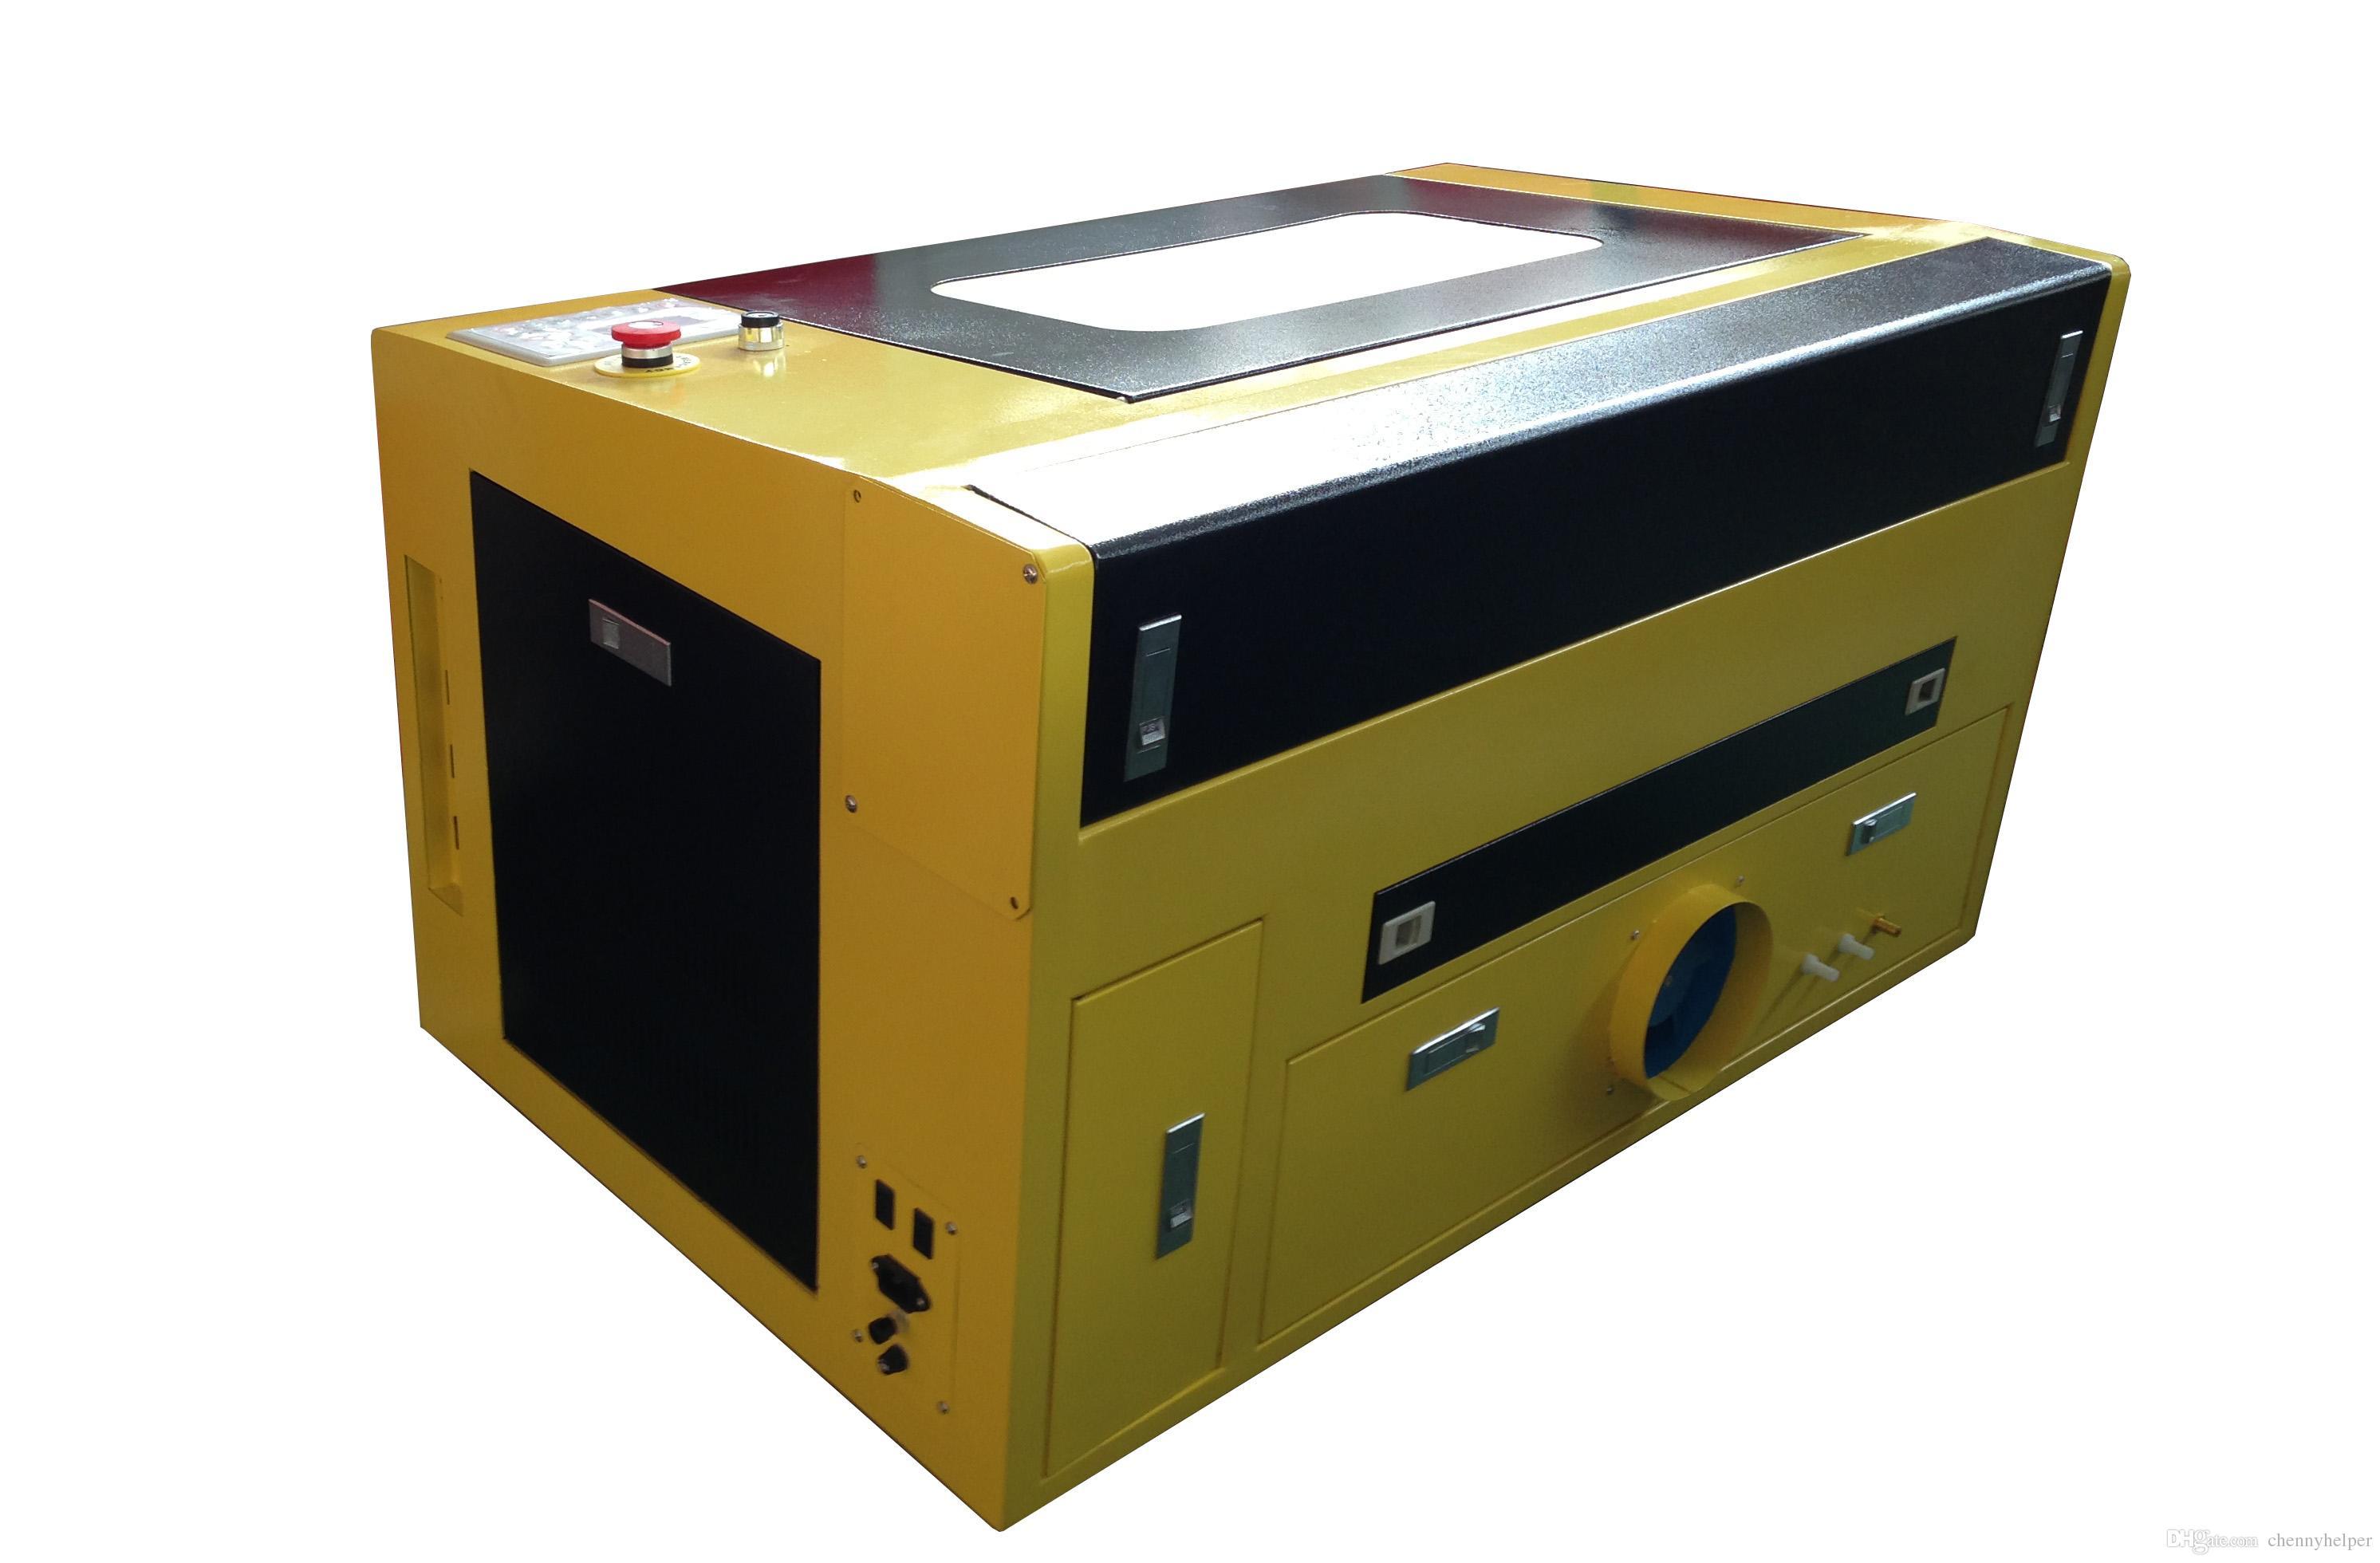 5030 50 واط 500x300 ملليمتر عالية الجودة co2 النقش بالليزر آلة قطع حفارة حفارة لالاكريليك